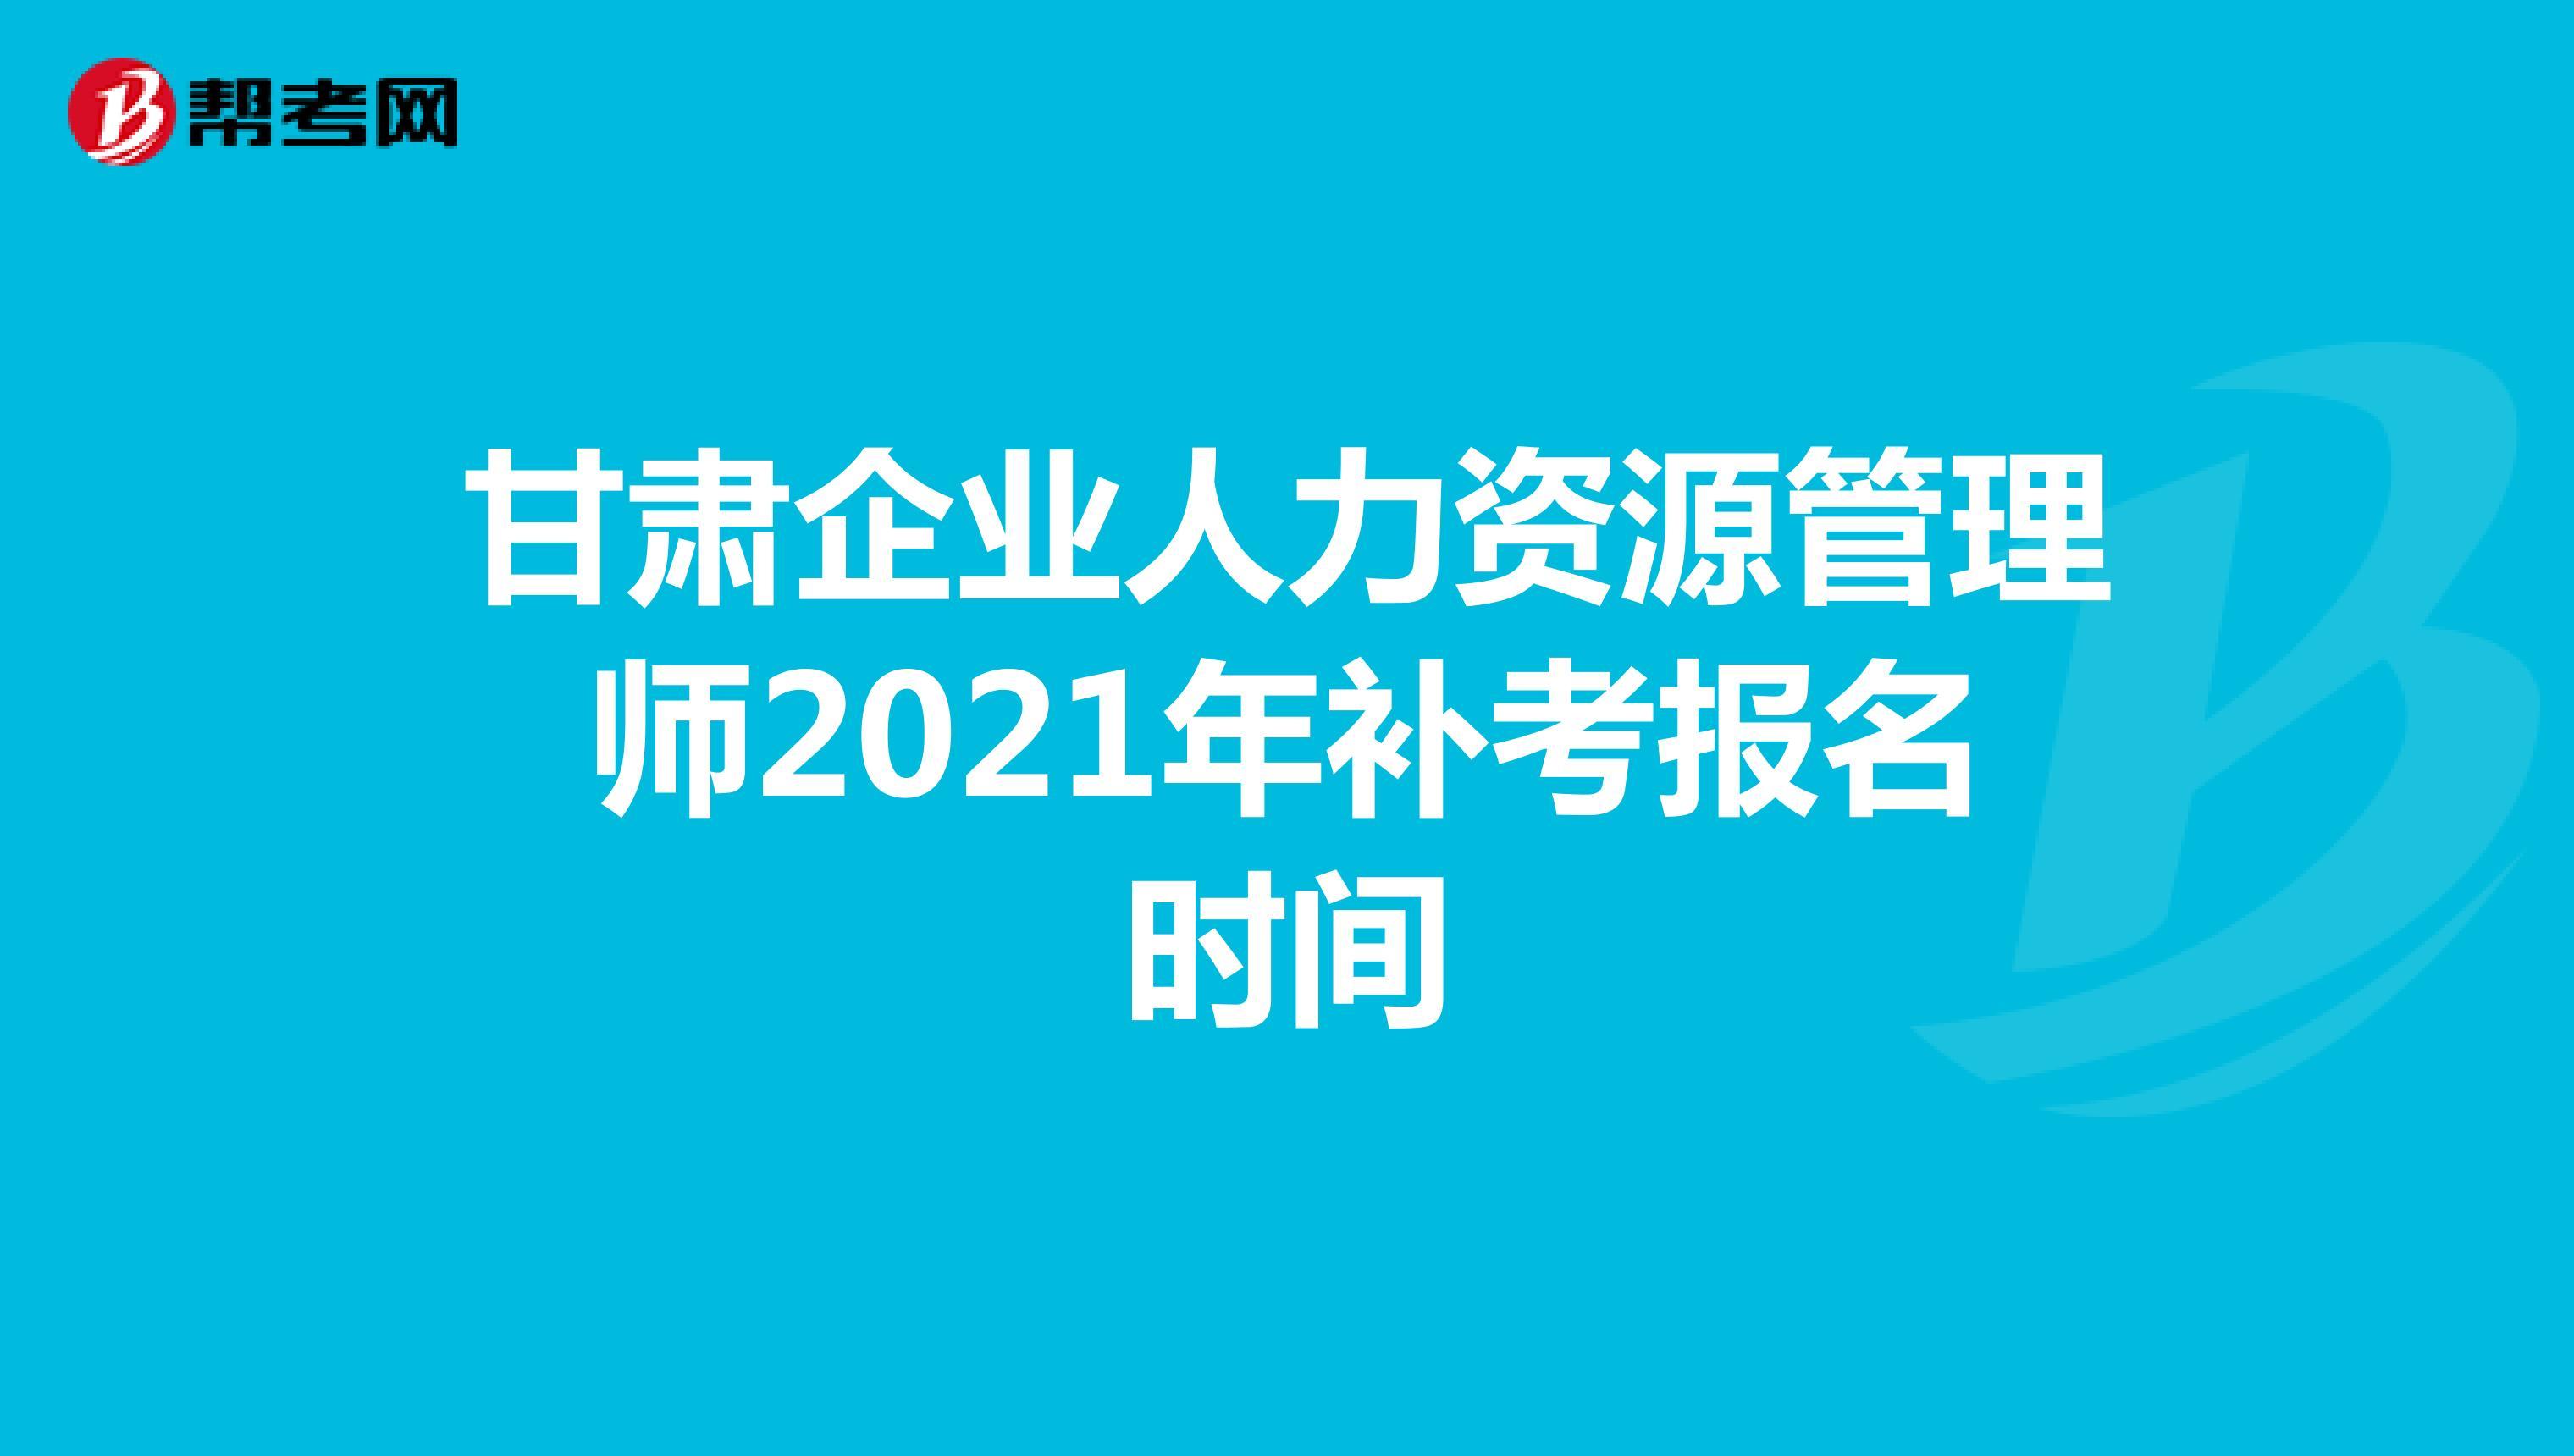 甘肅企業人力資源管理師2021年補考報名時間